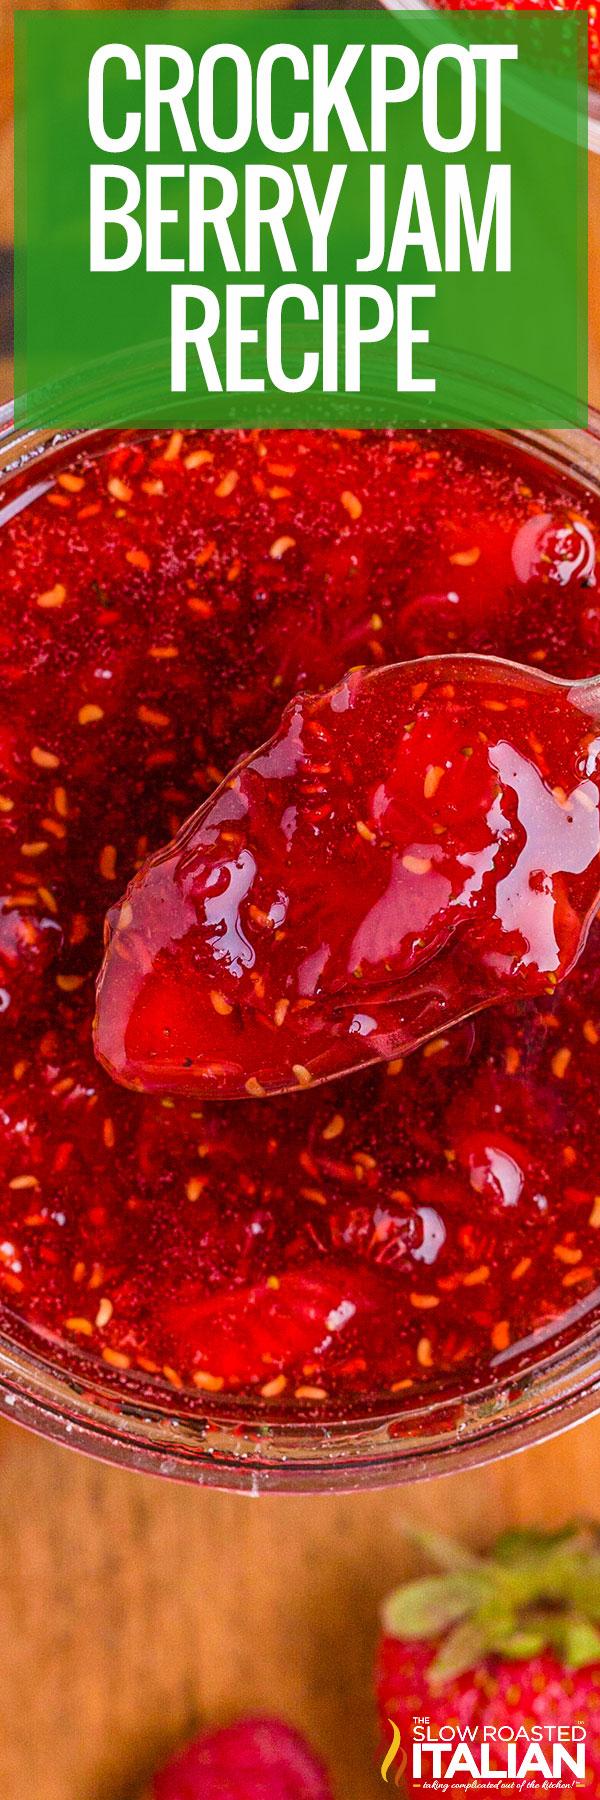 Crockpot Berry Jam closeup